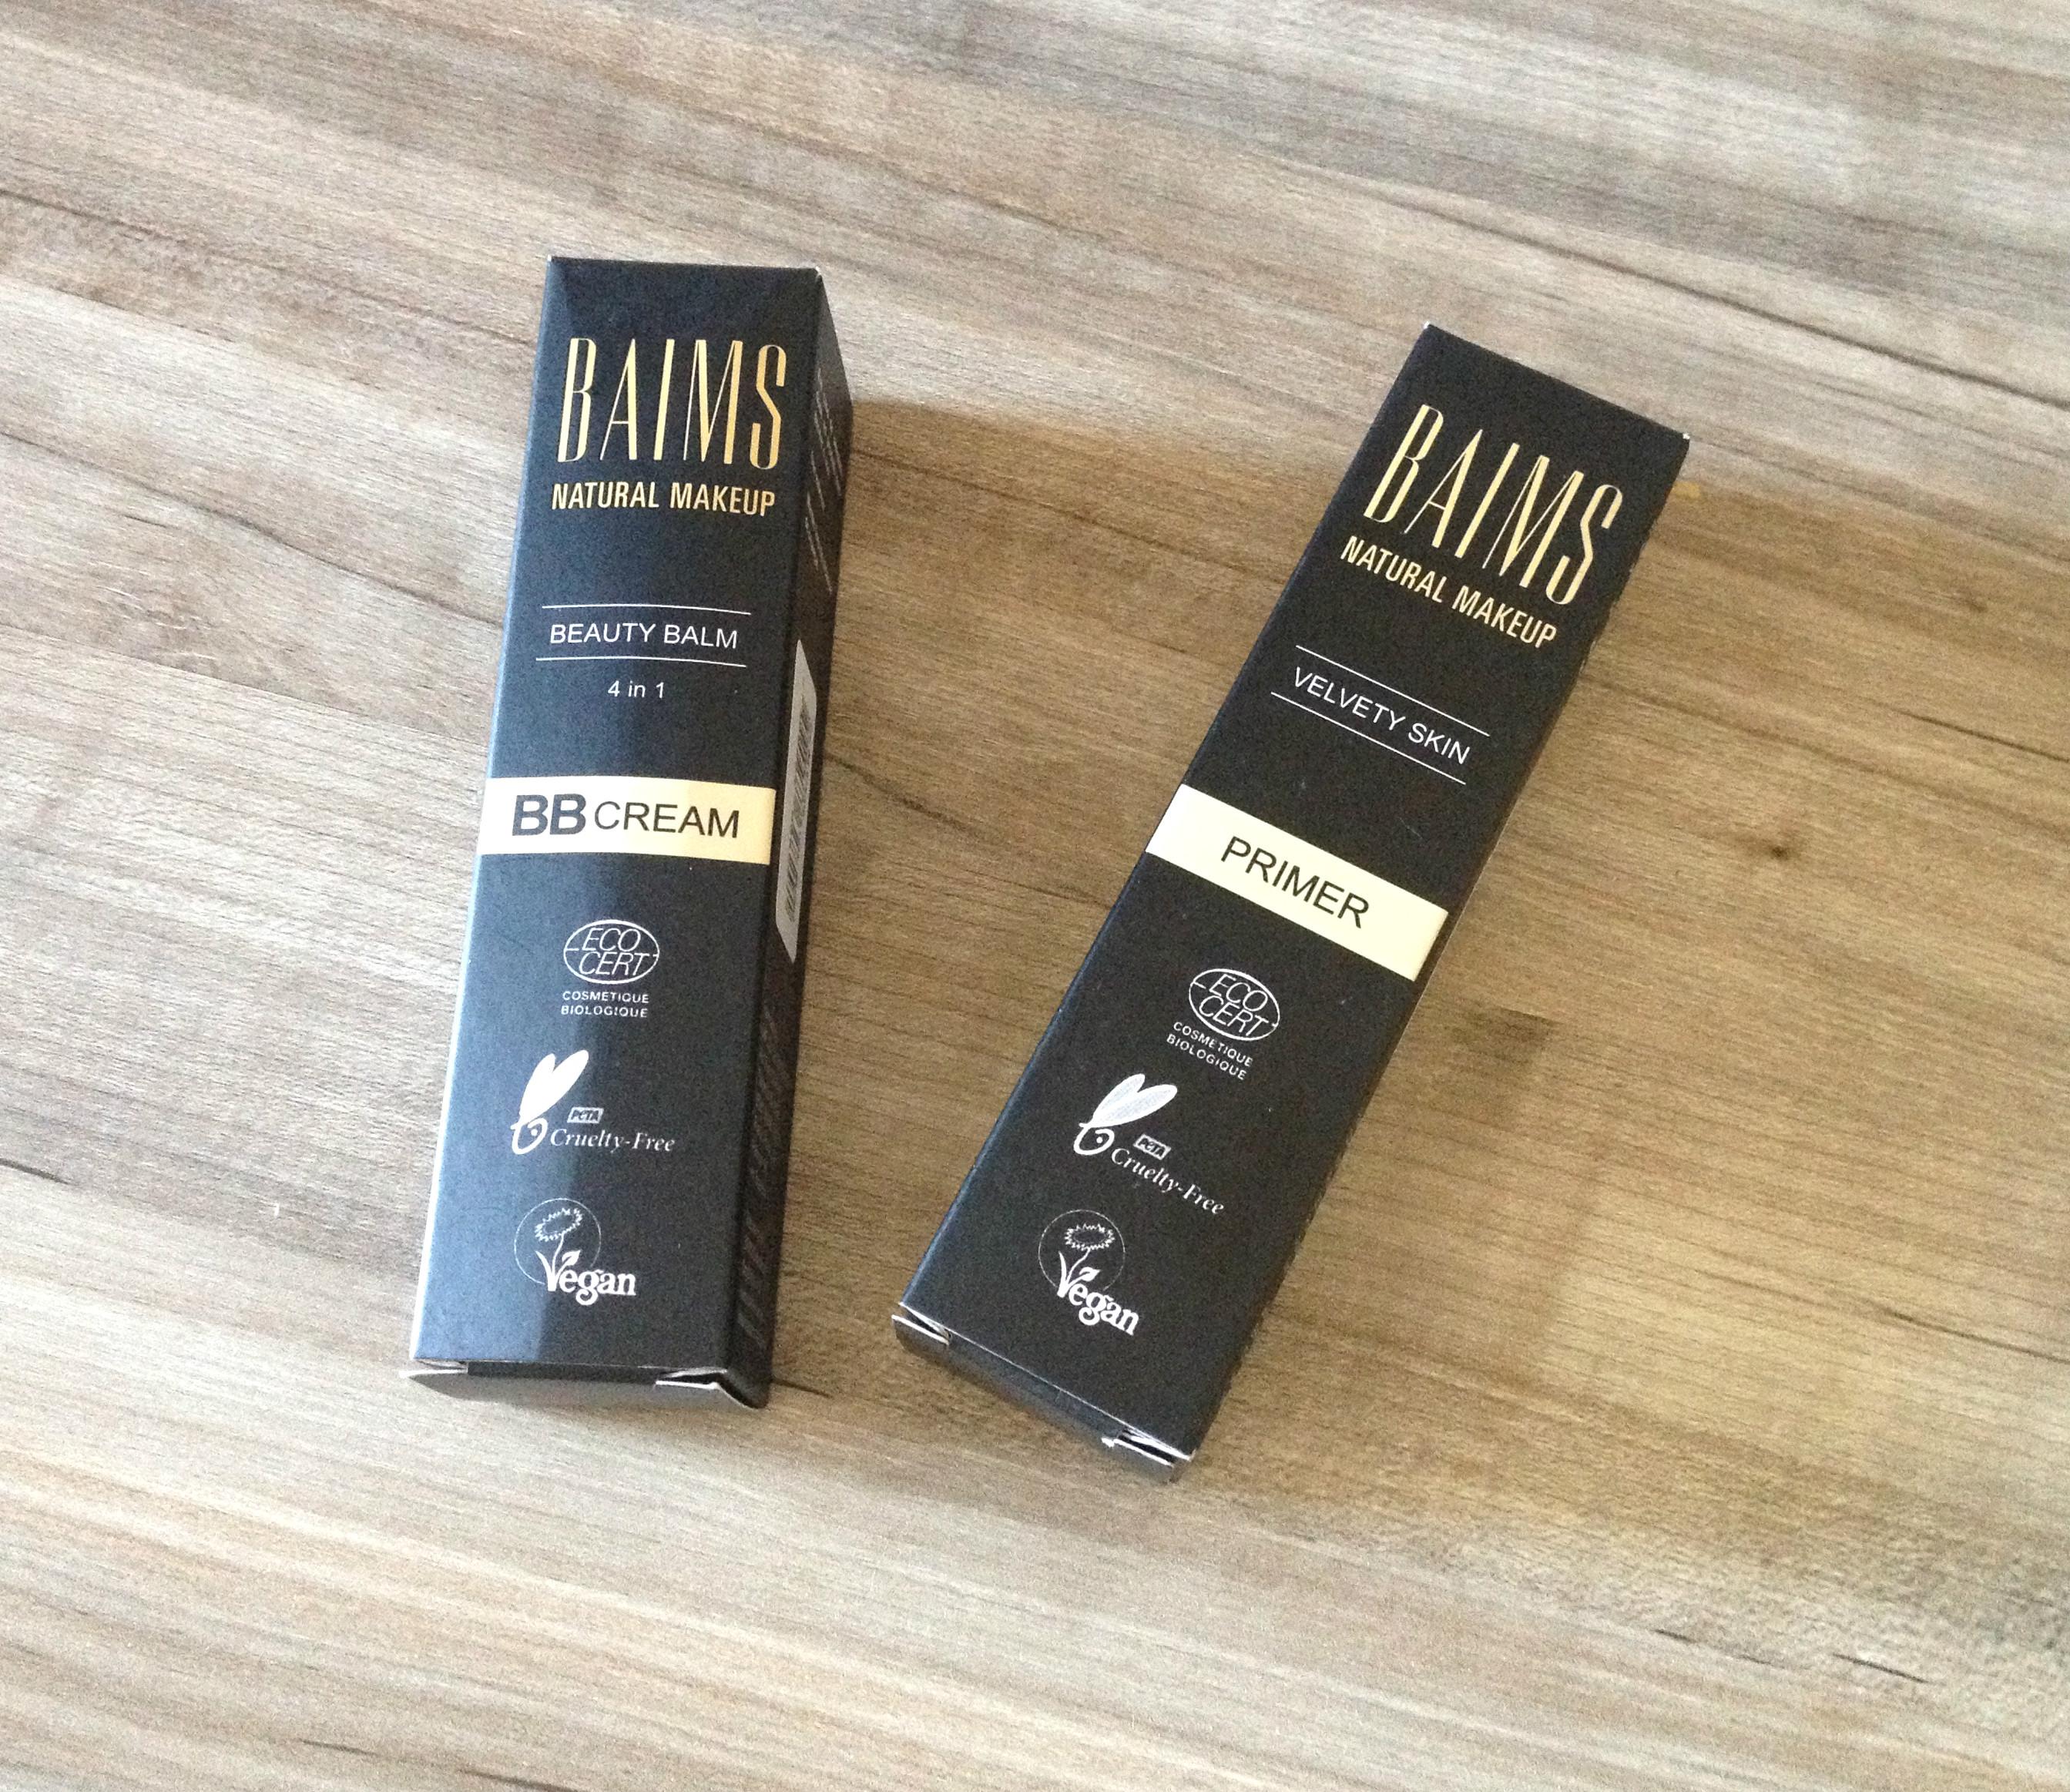 Baims Natural Makeup | Primer e BB Cream